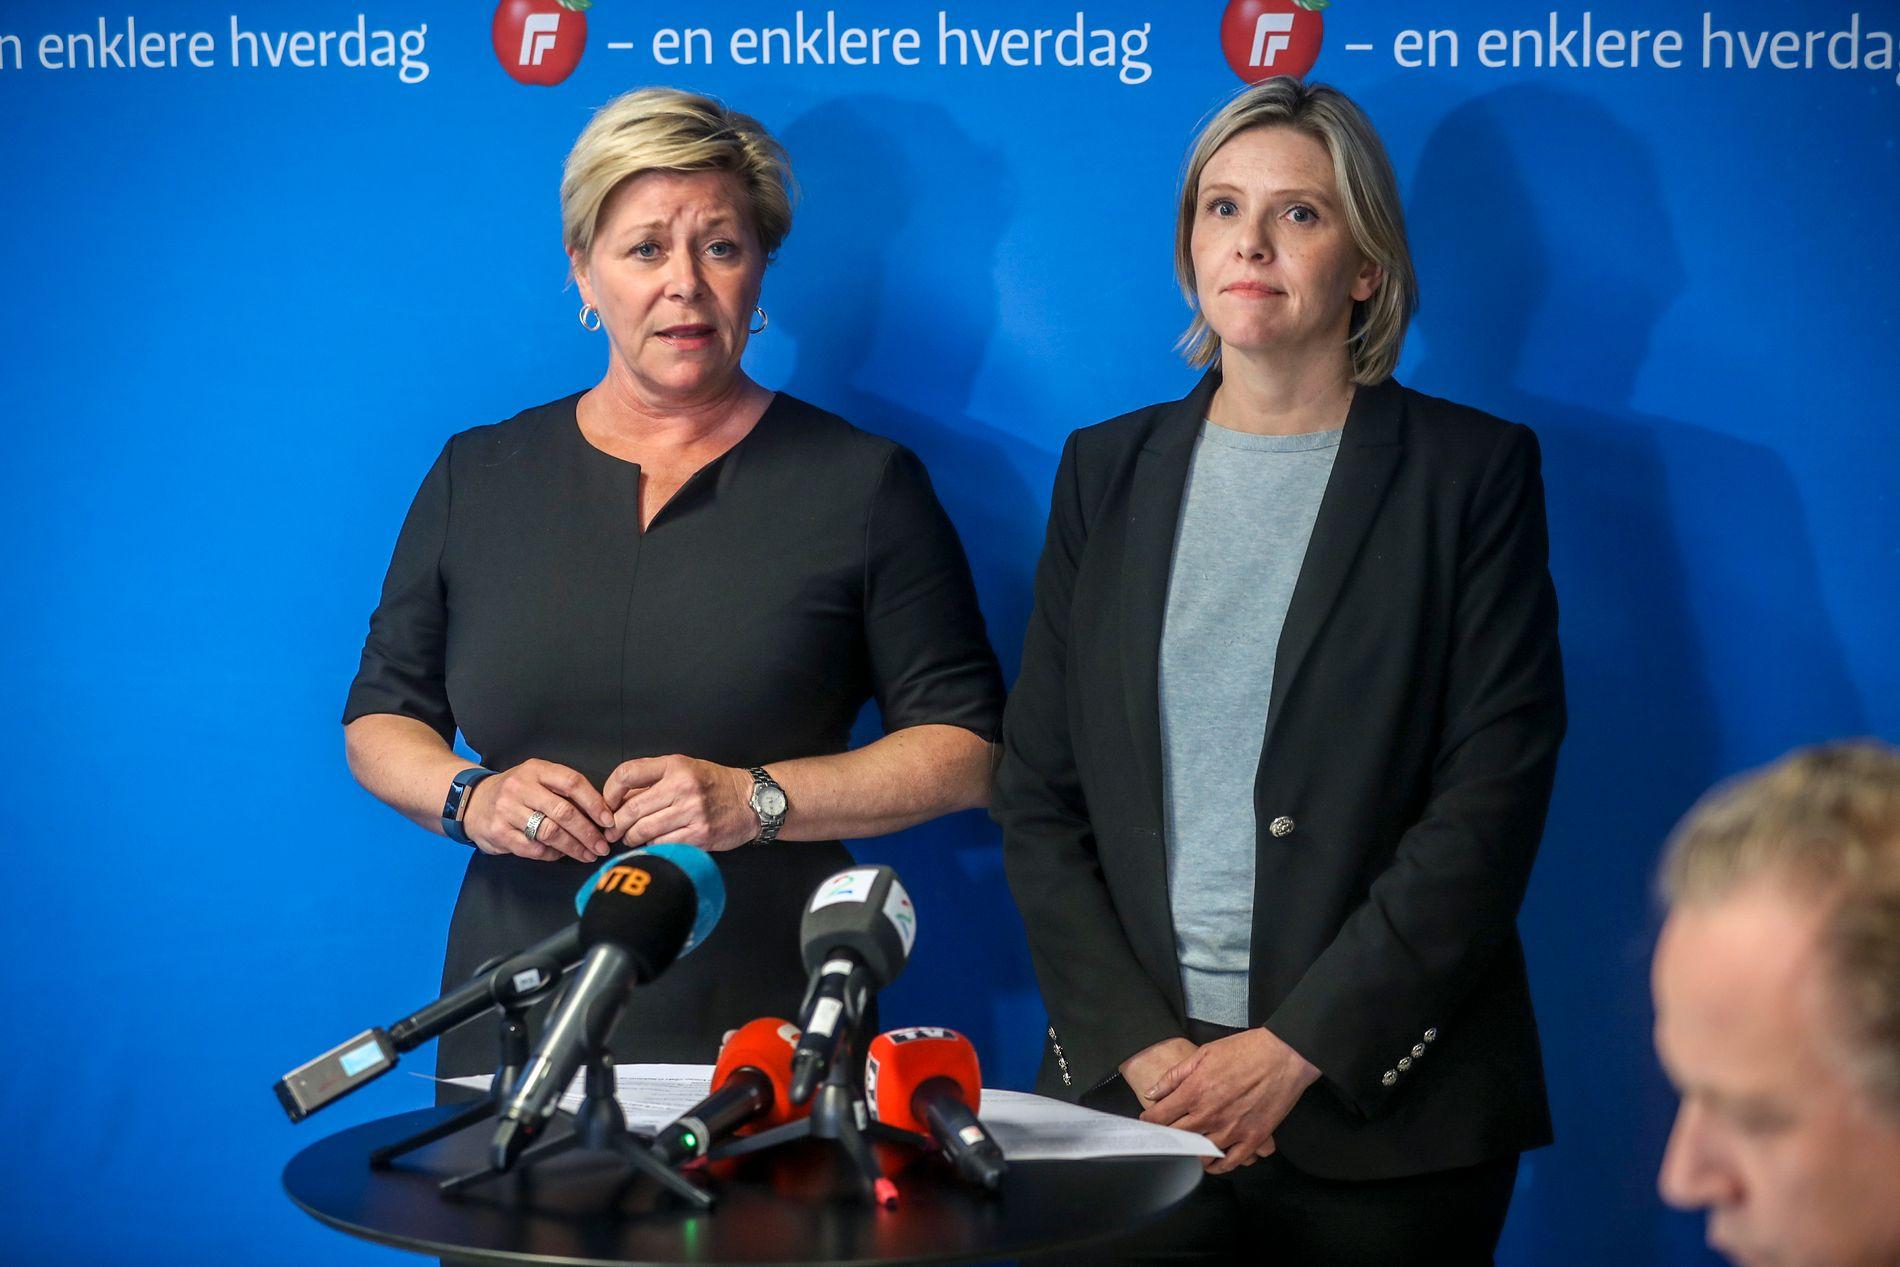 KRISEMØTE: På onsdag ble det arrangert ekstraordinært landsstyremøte i Frp om bompenger. Her er Siv Jensen og Sylvi Listhaug på pressekonferansen.